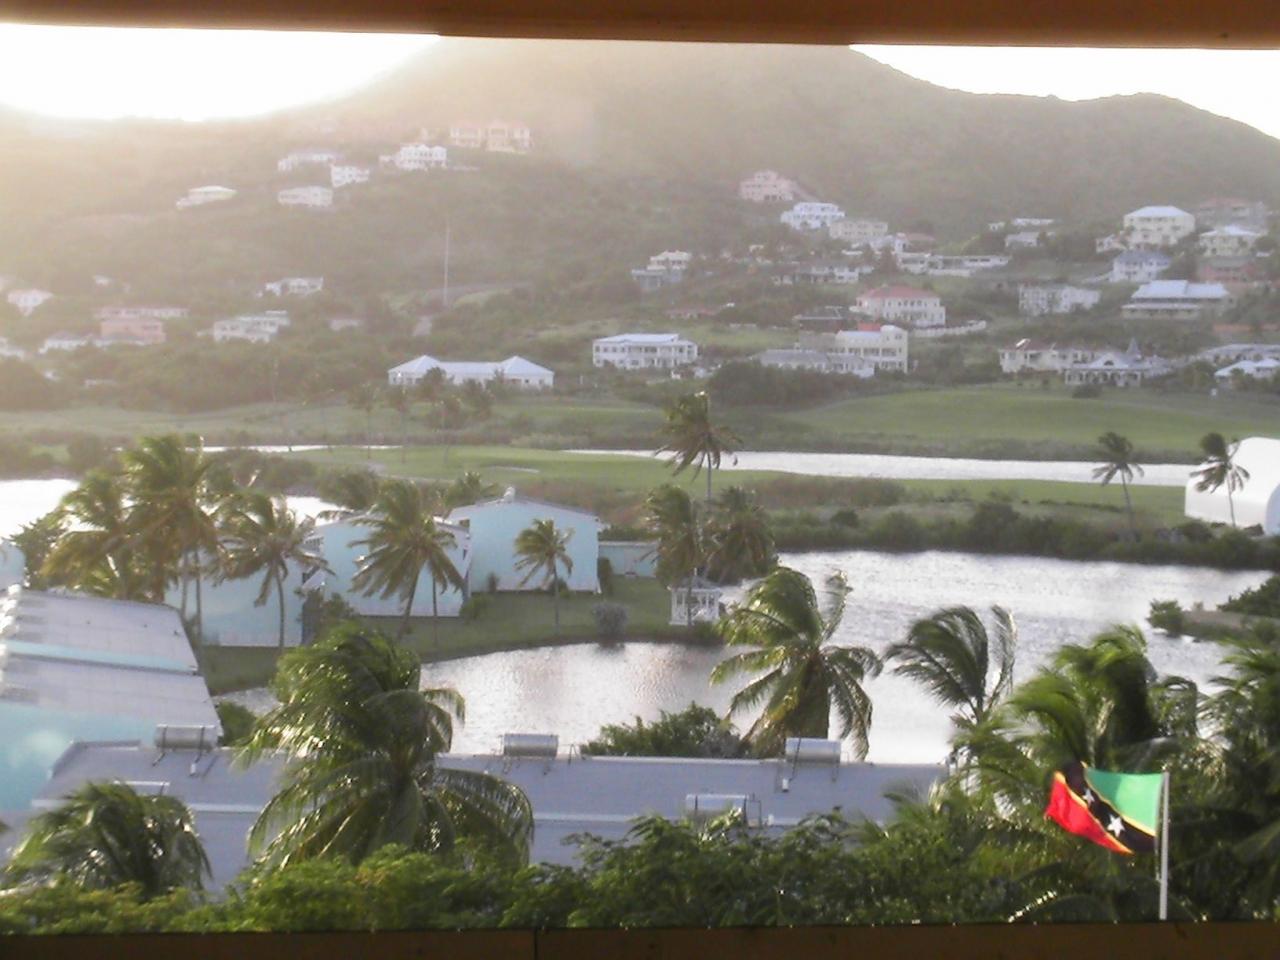 St. Kitts last week